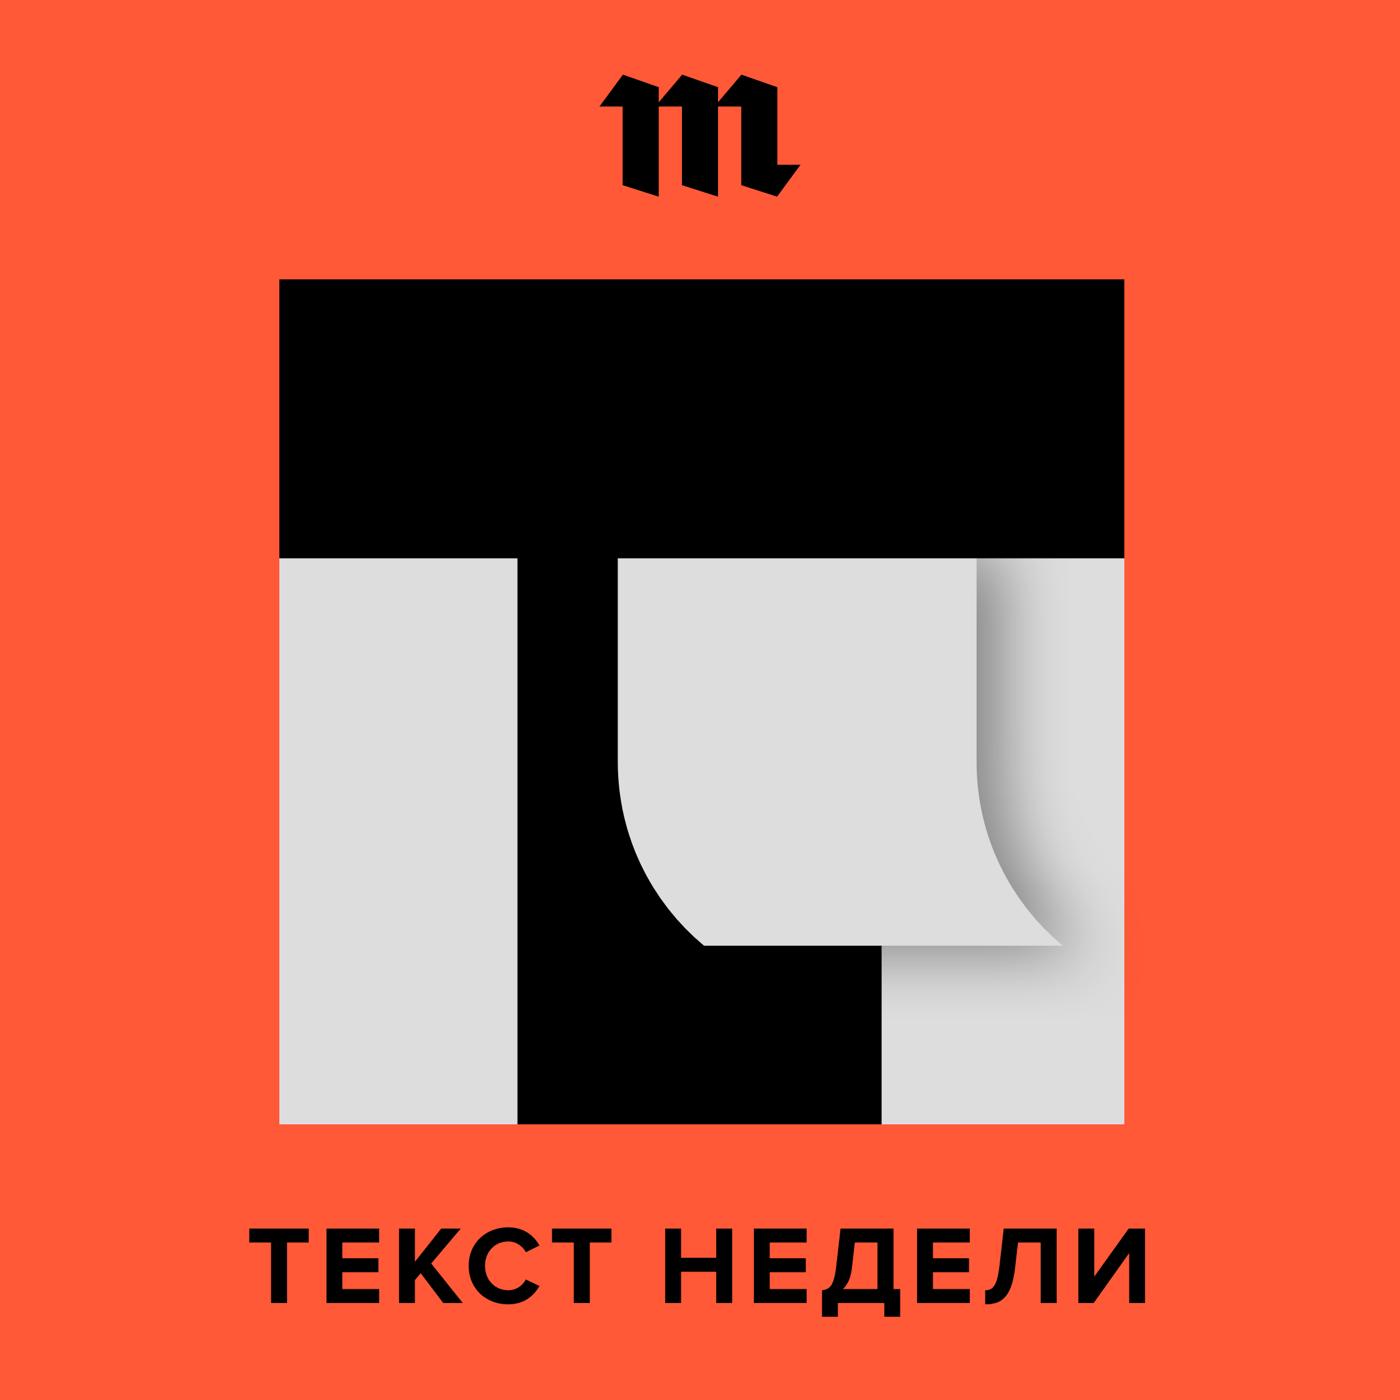 Айлика Кремер Вторая после Путина. Обсуждаем феномен Ольги Бузовой (разумеется, с песнями) айлика кремер что такое ненастоящие изнасилования